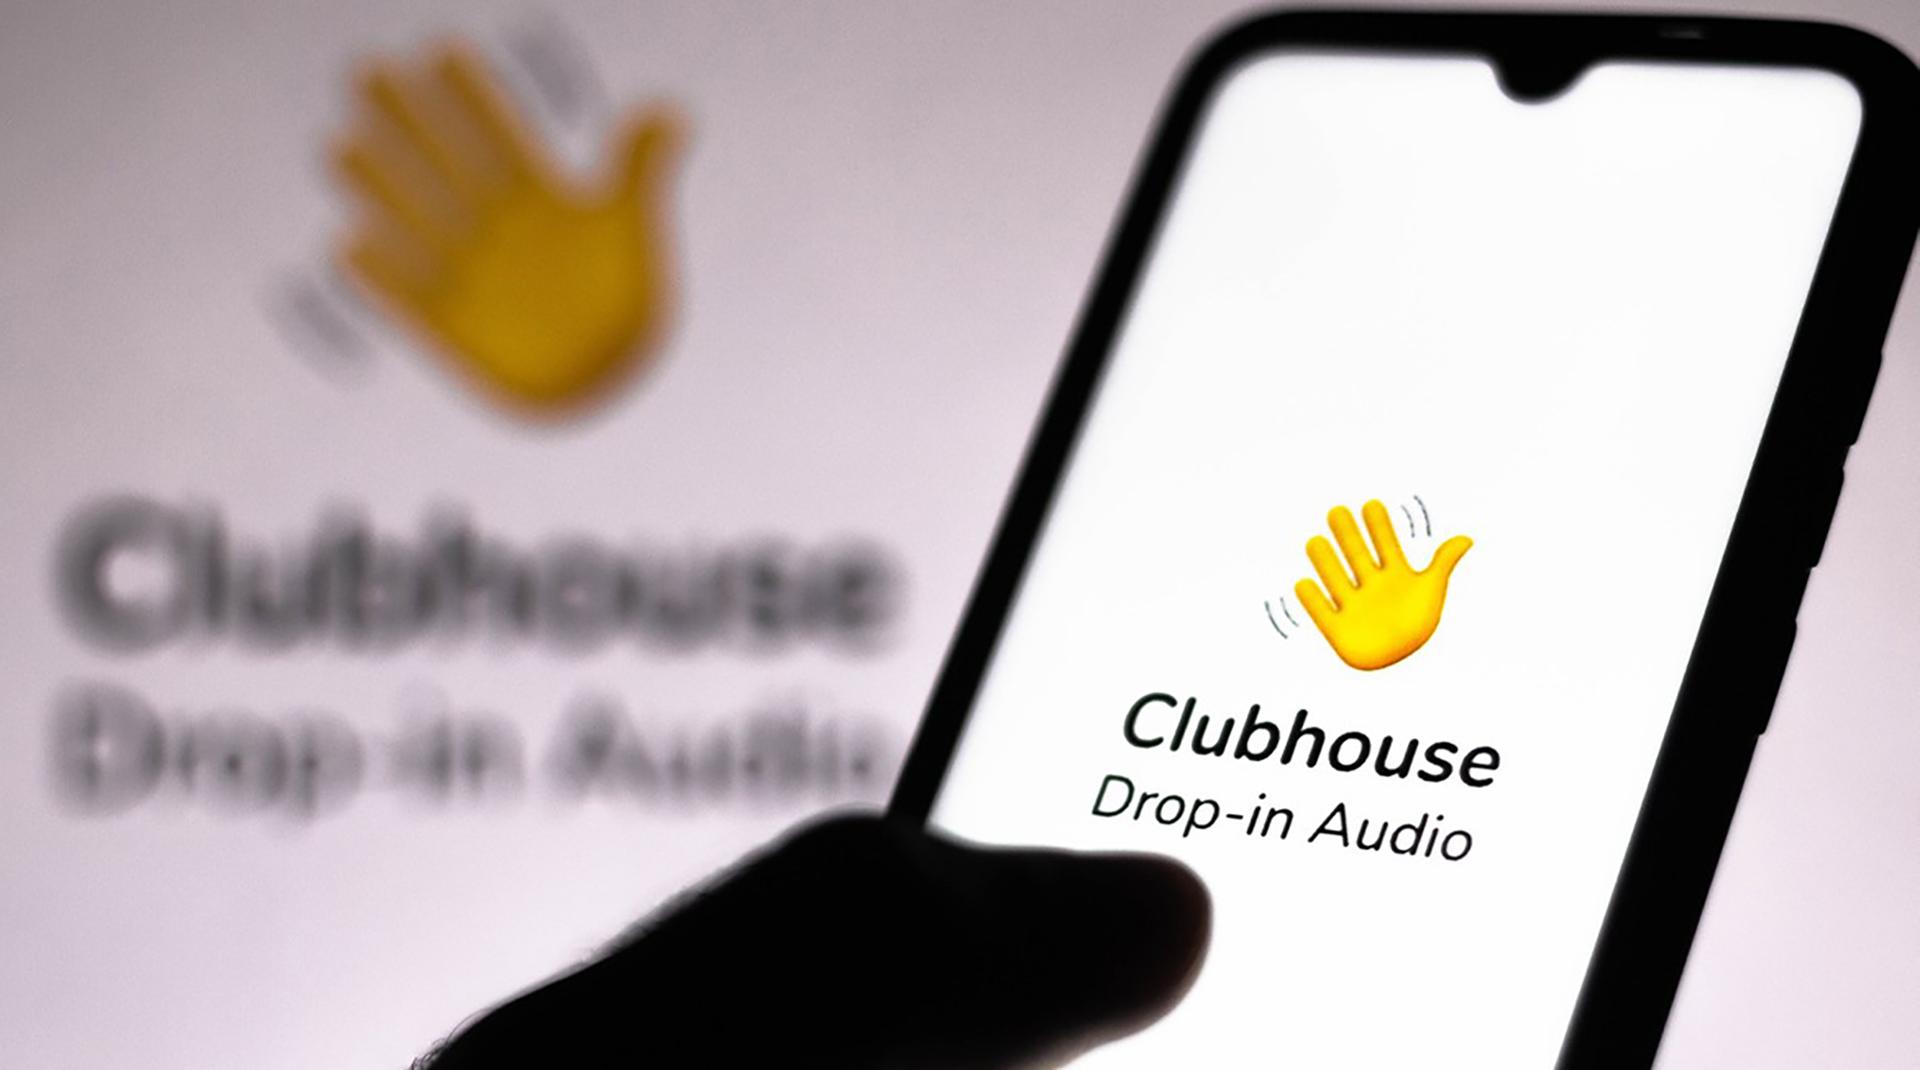 Уже в Clubhouse? Рассказываем, откуда взялась новая социальная сеть